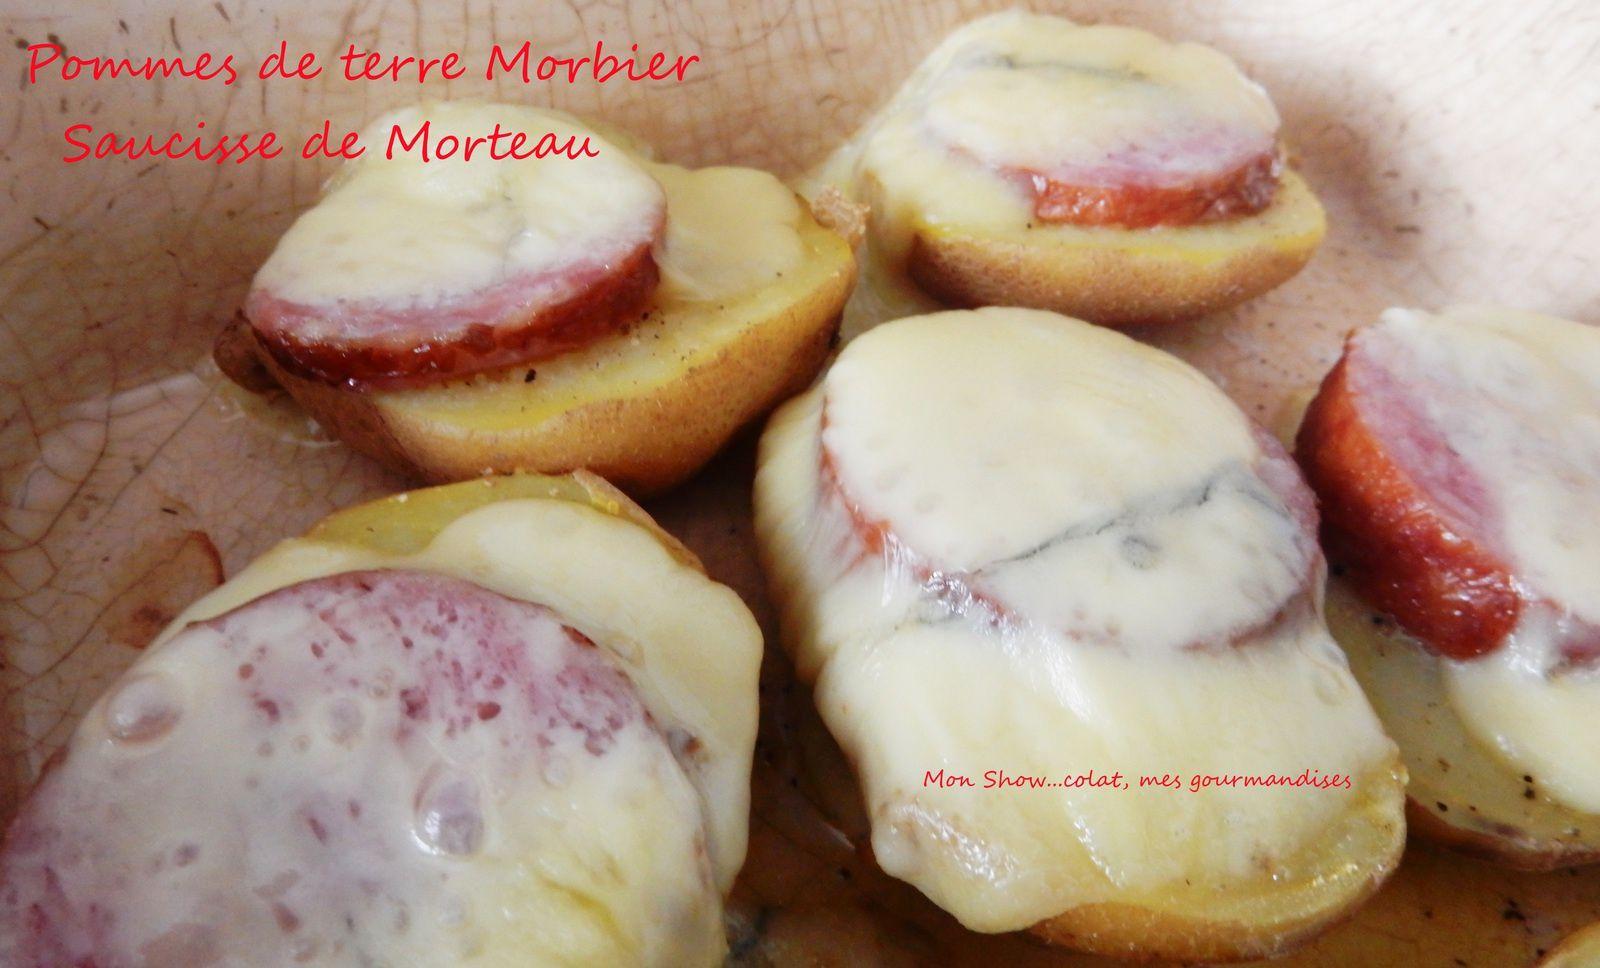 Pommes de terre et Saucisse de Morteau au four gratinées au Morbier